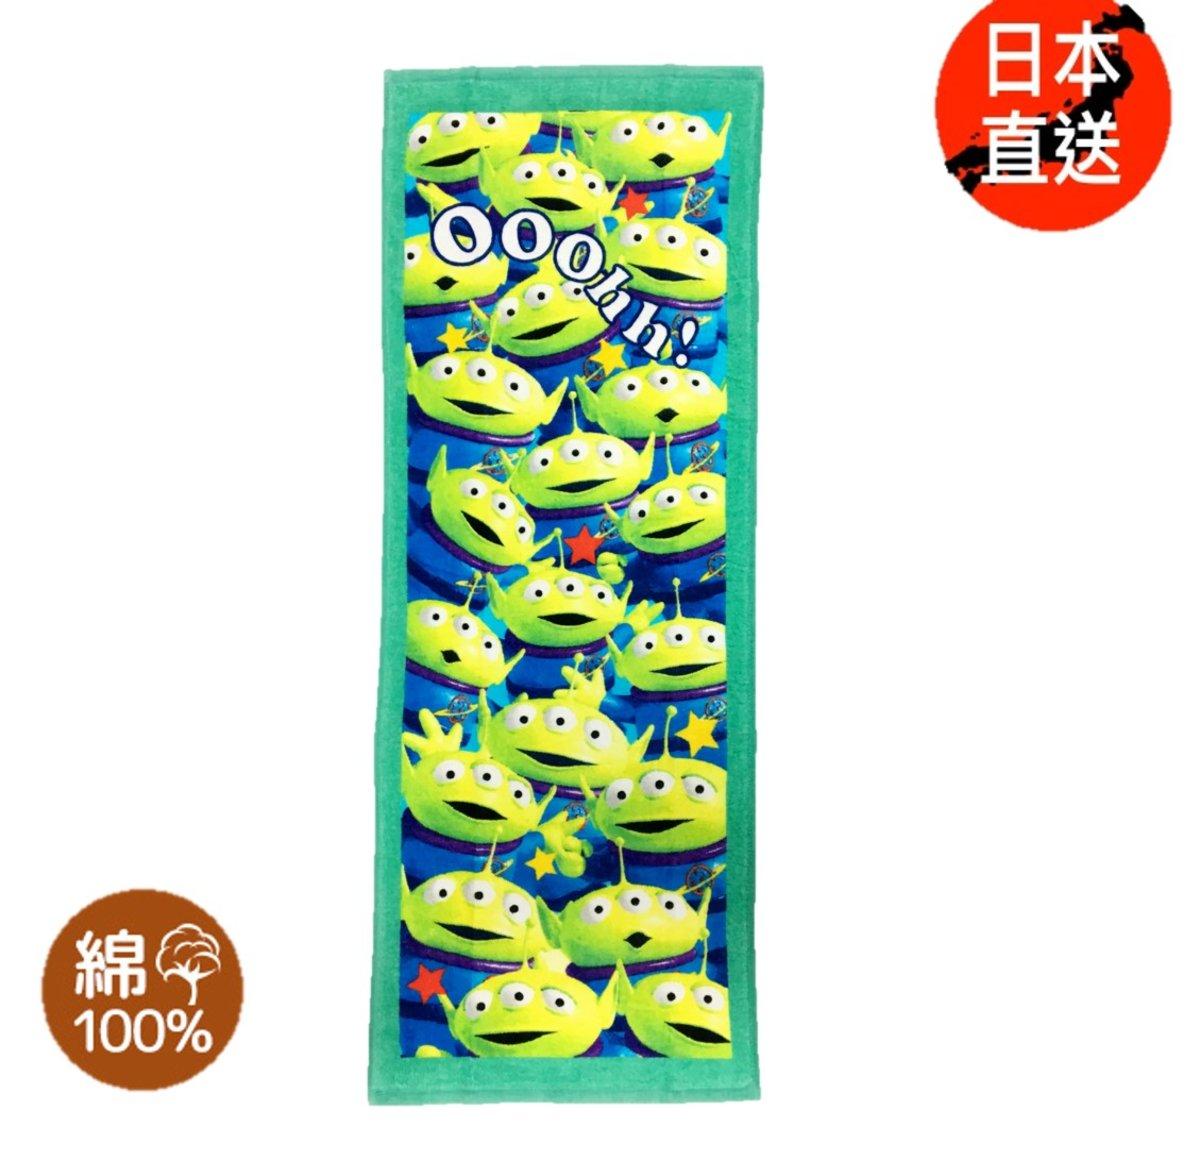 純棉長浴巾(三眼仔)(日本直送) (迪士尼許可產品)